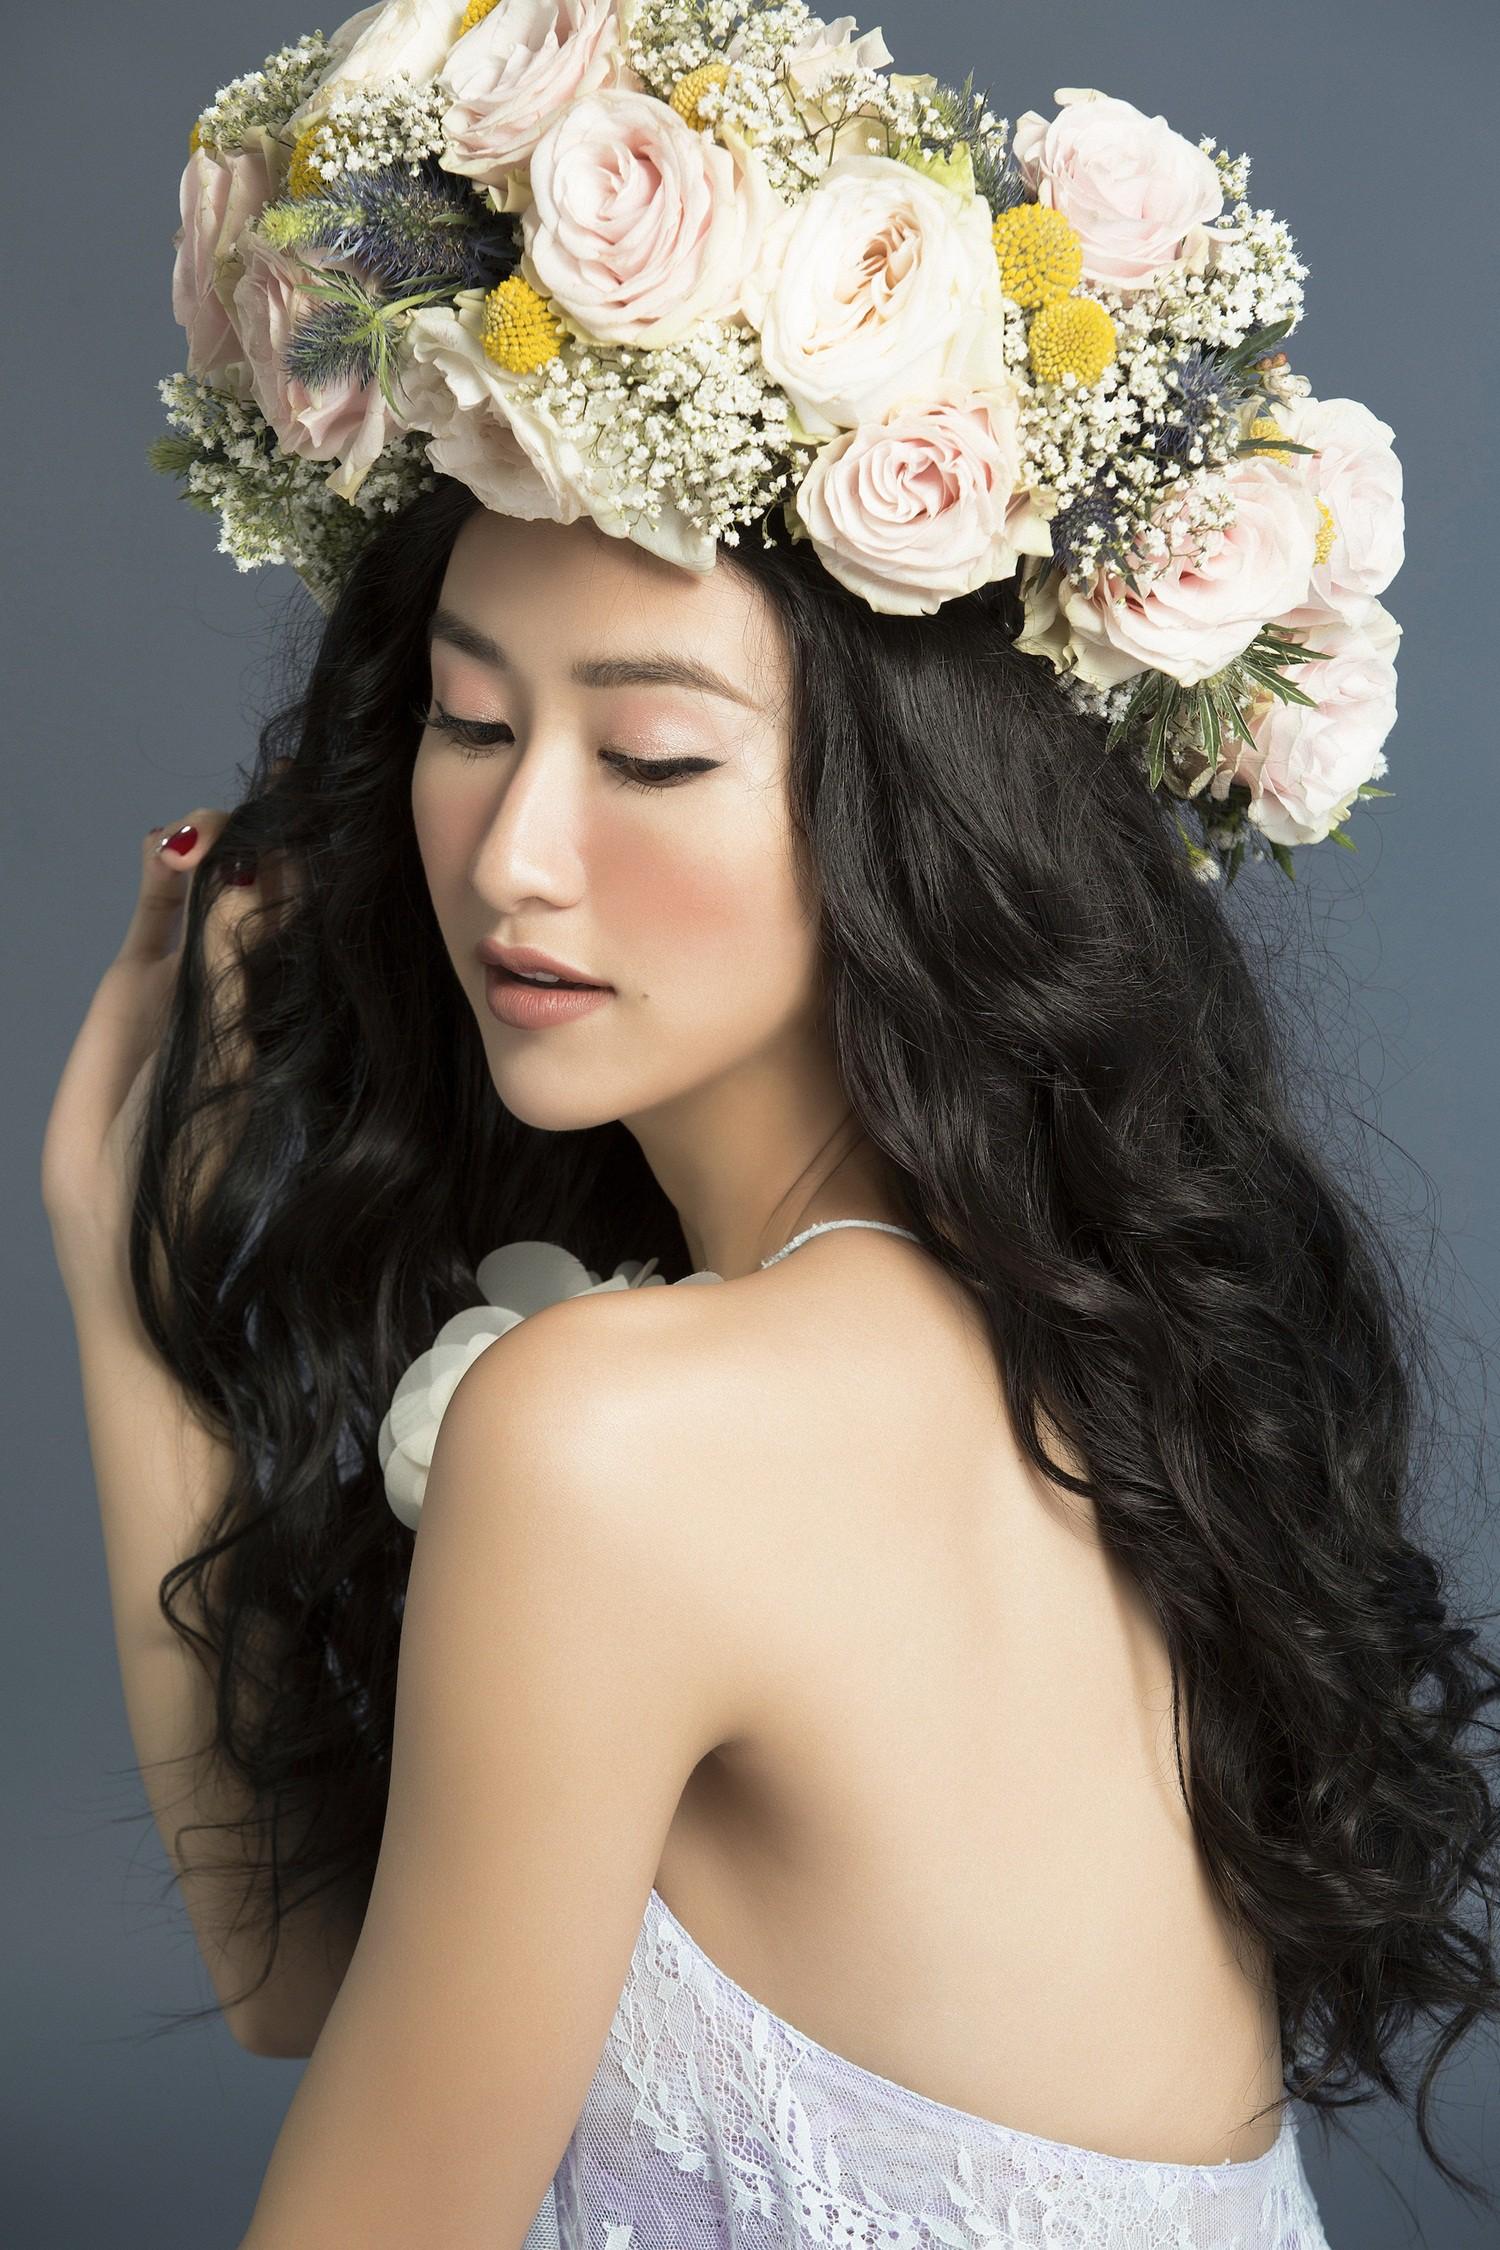 Á hậu Hà Thu bất ngờ lọt top 60 phụ nữ đẹp nhất thế giới -